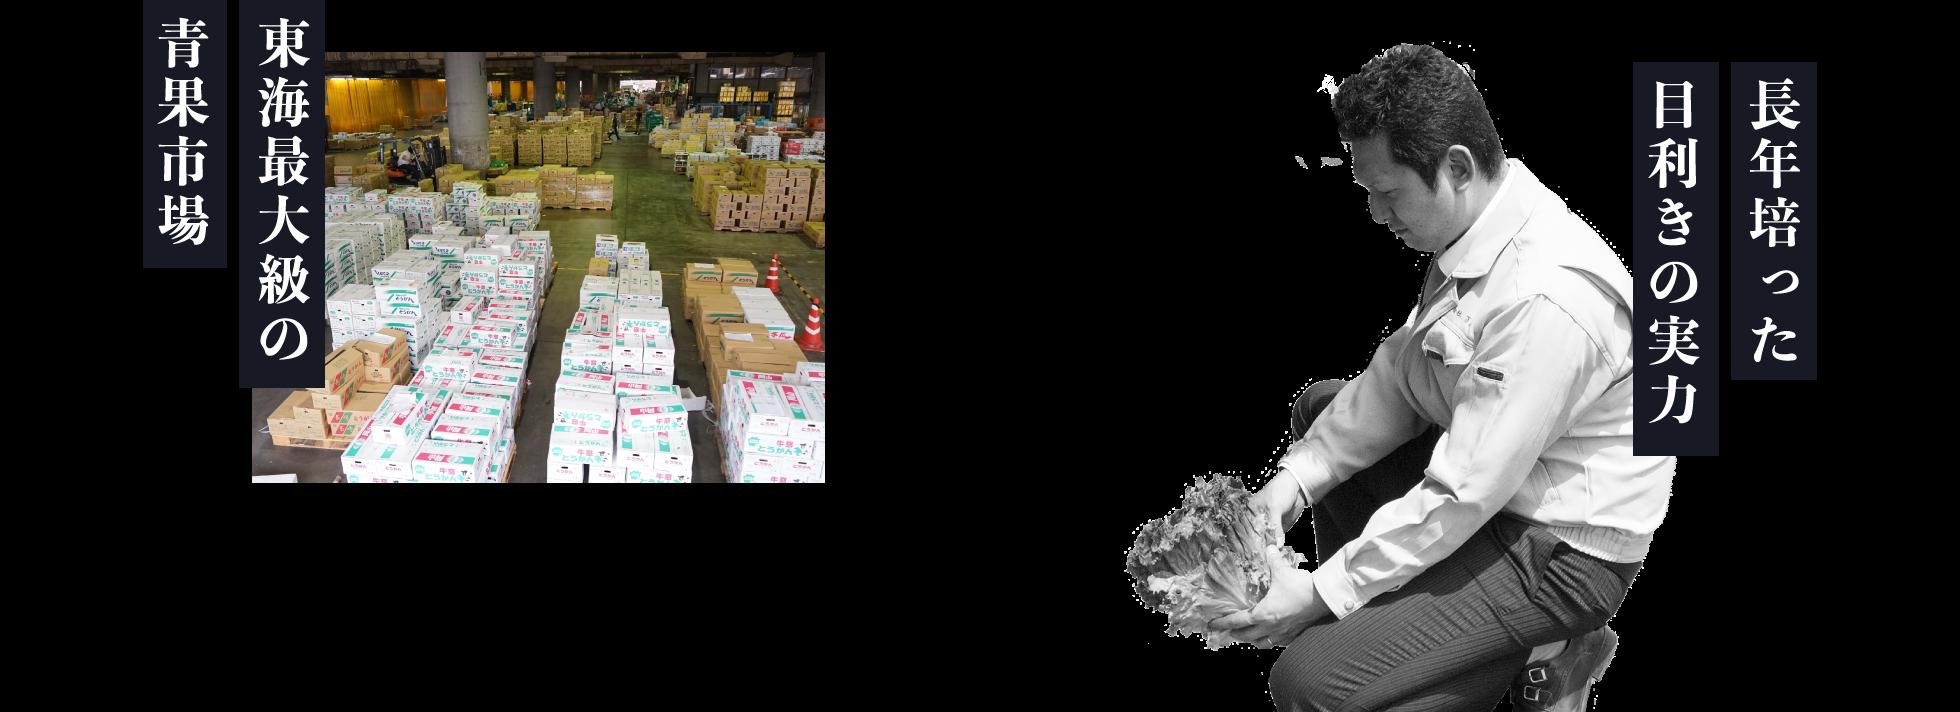 東海最大級の青果市場 × 長年培った目利きの実力